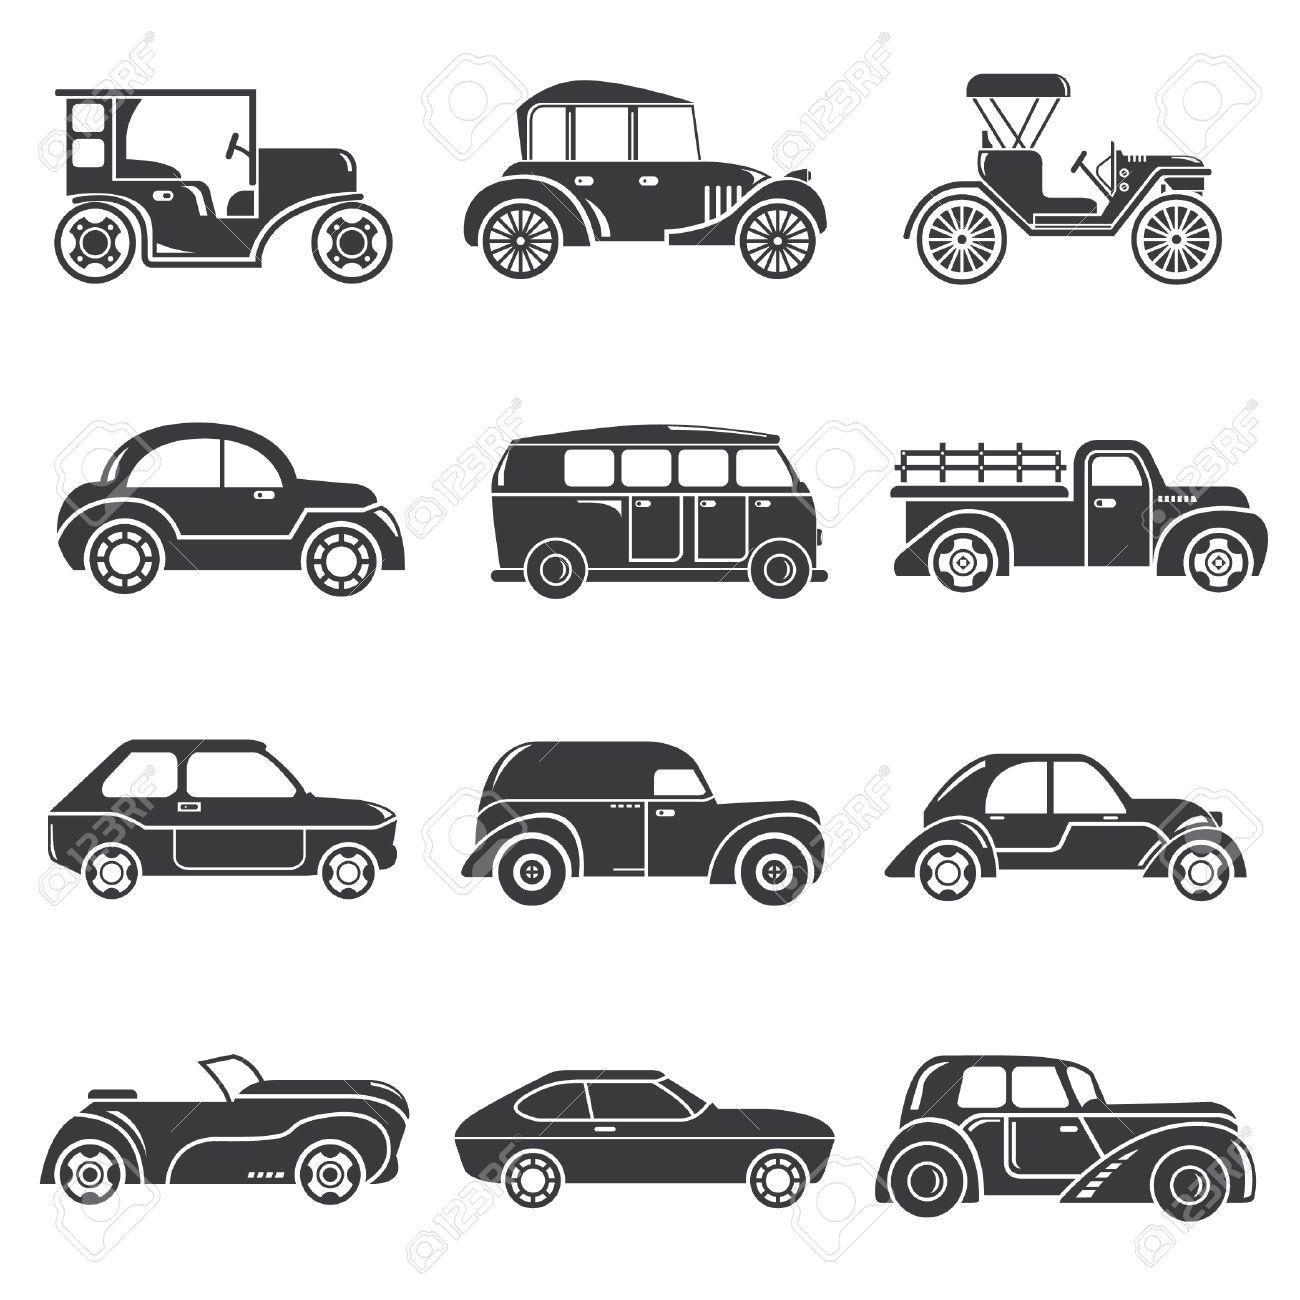 Vintage Car Symbols Free Vector Jpg Vintage Car Vector